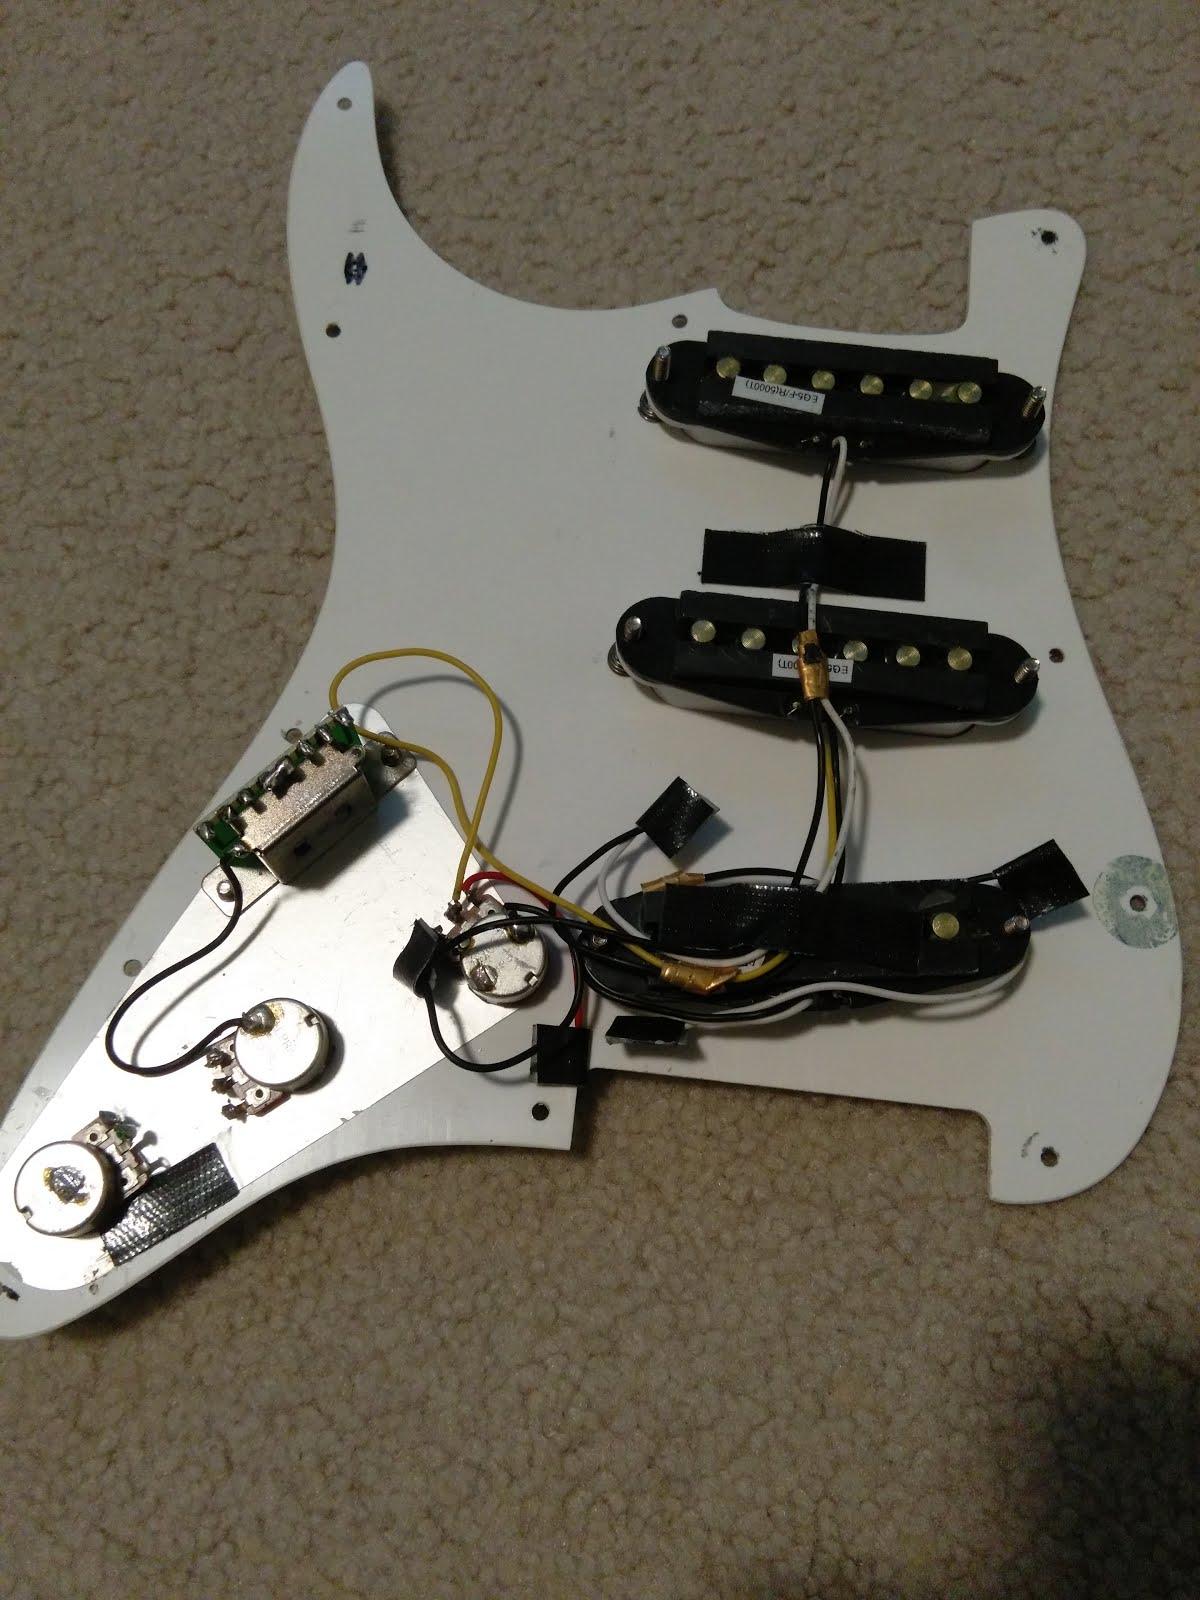 Strat Switch Wiring Diagram Further Fender Squier Bullet Strat Wiring